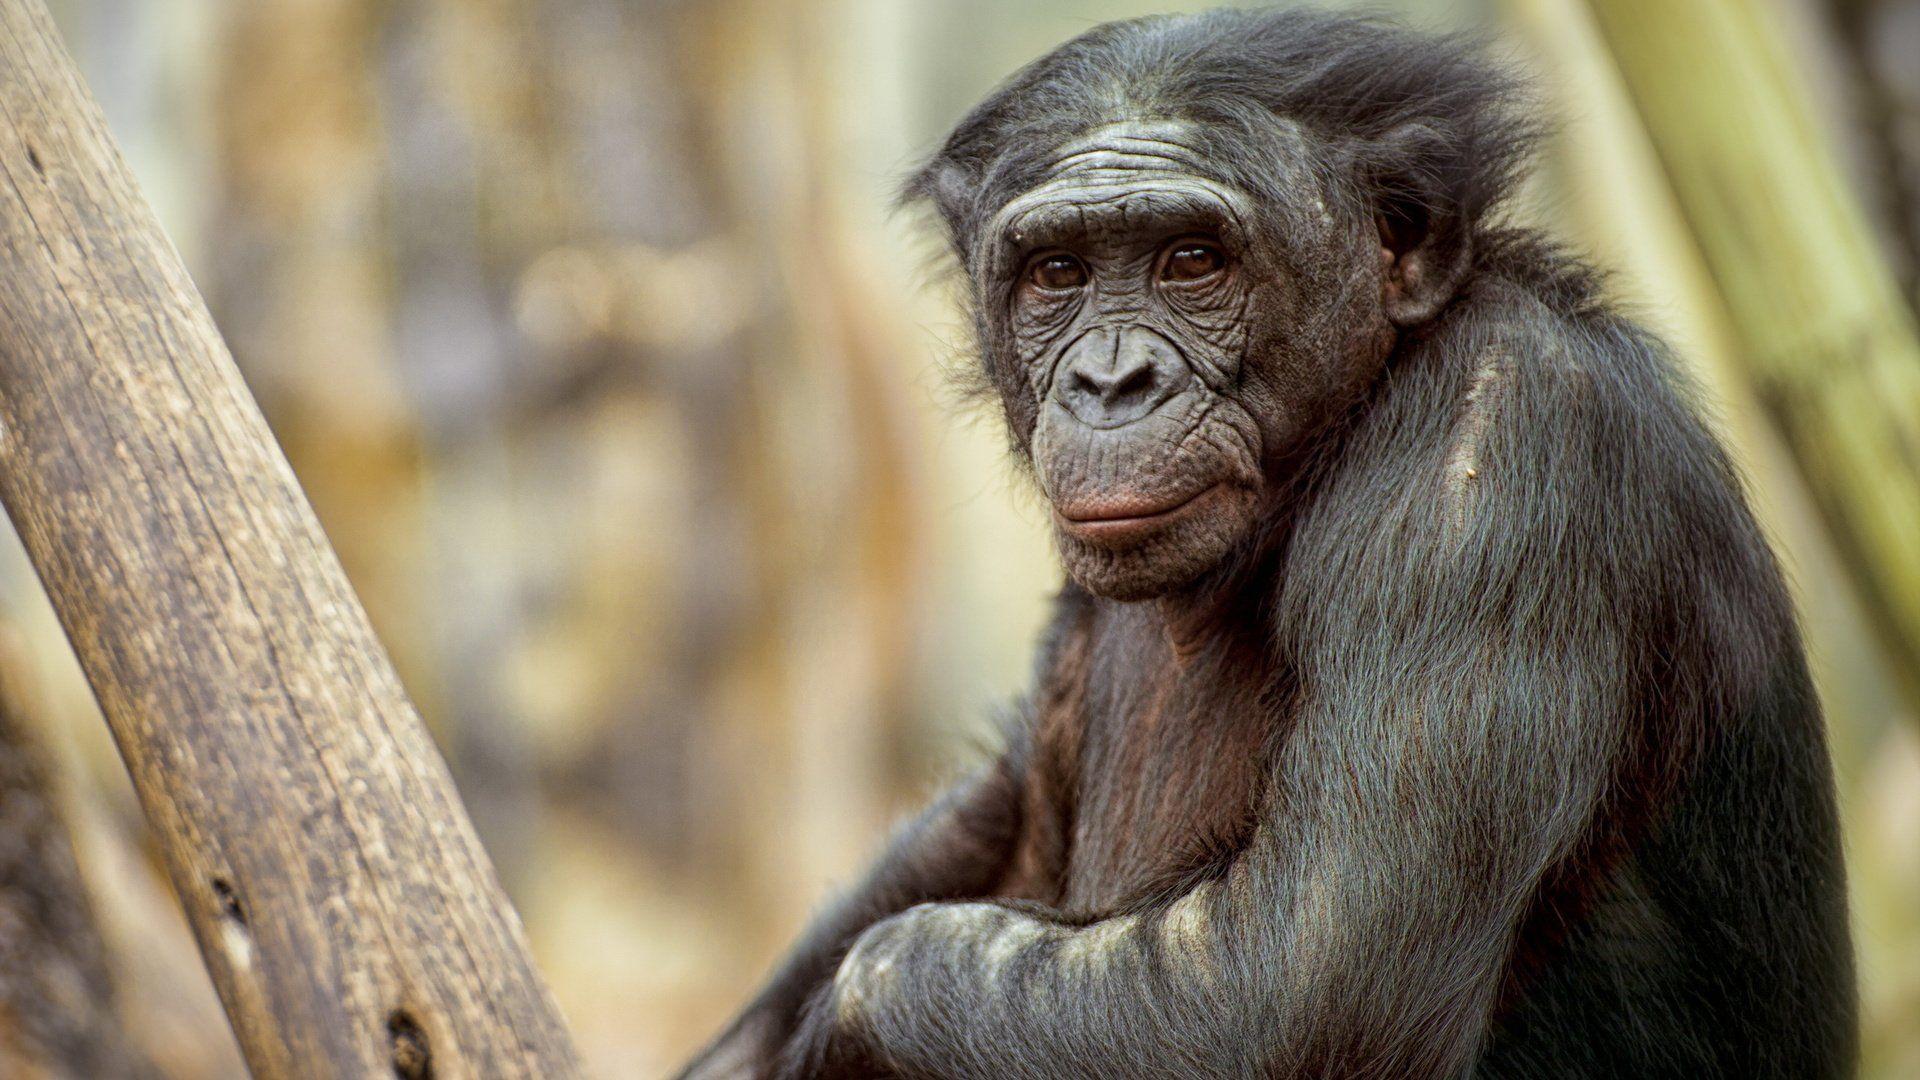 Monkeys Primates